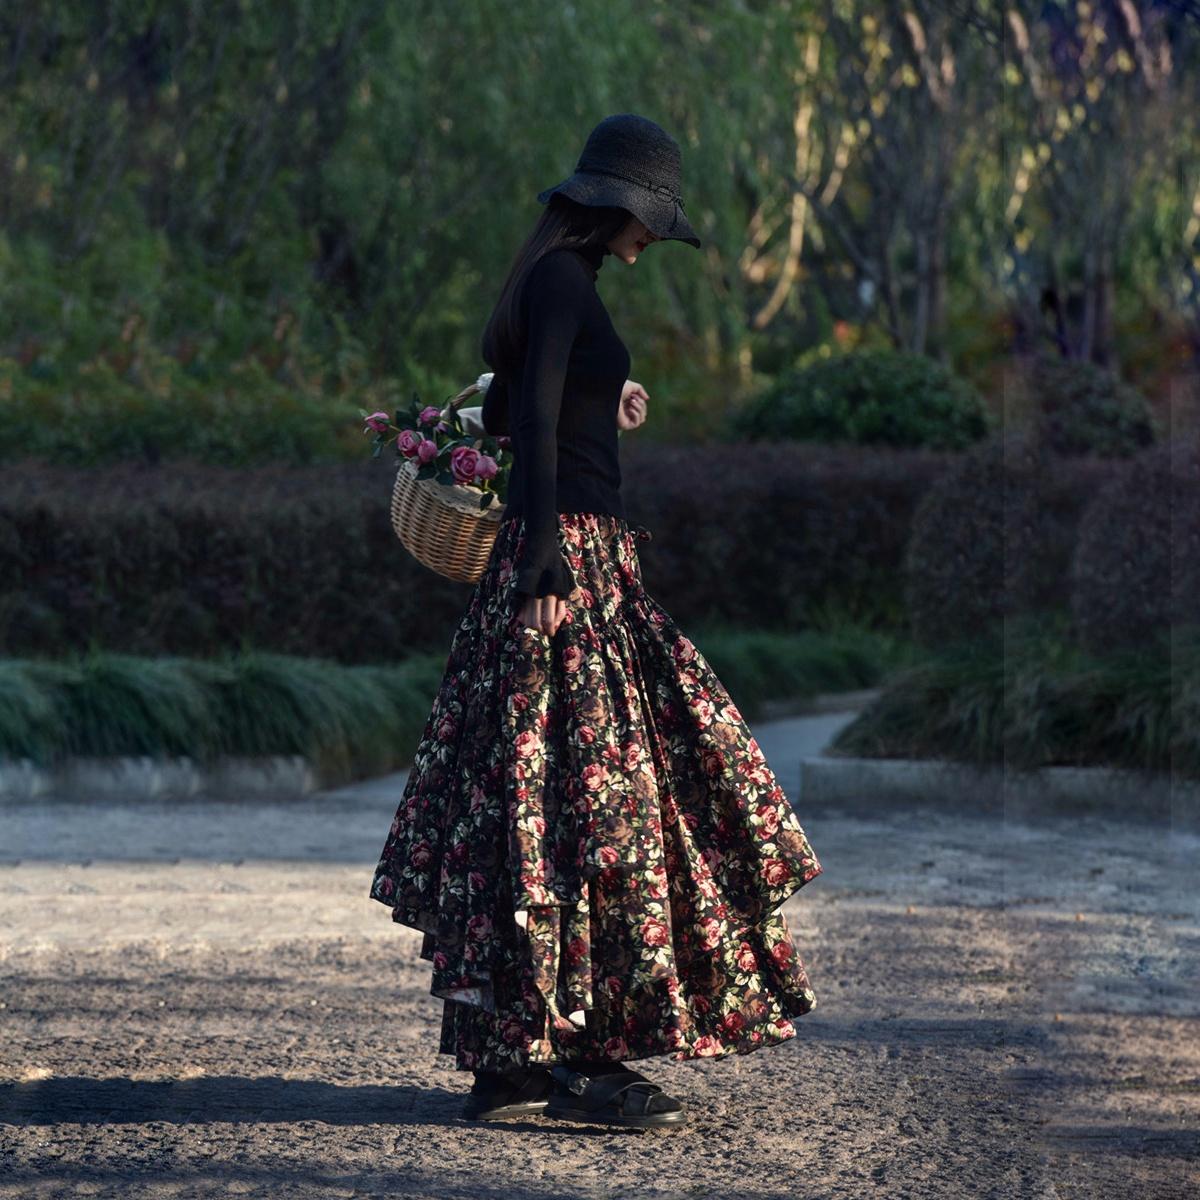 Suxin многослойная юбка чёрная с цветами